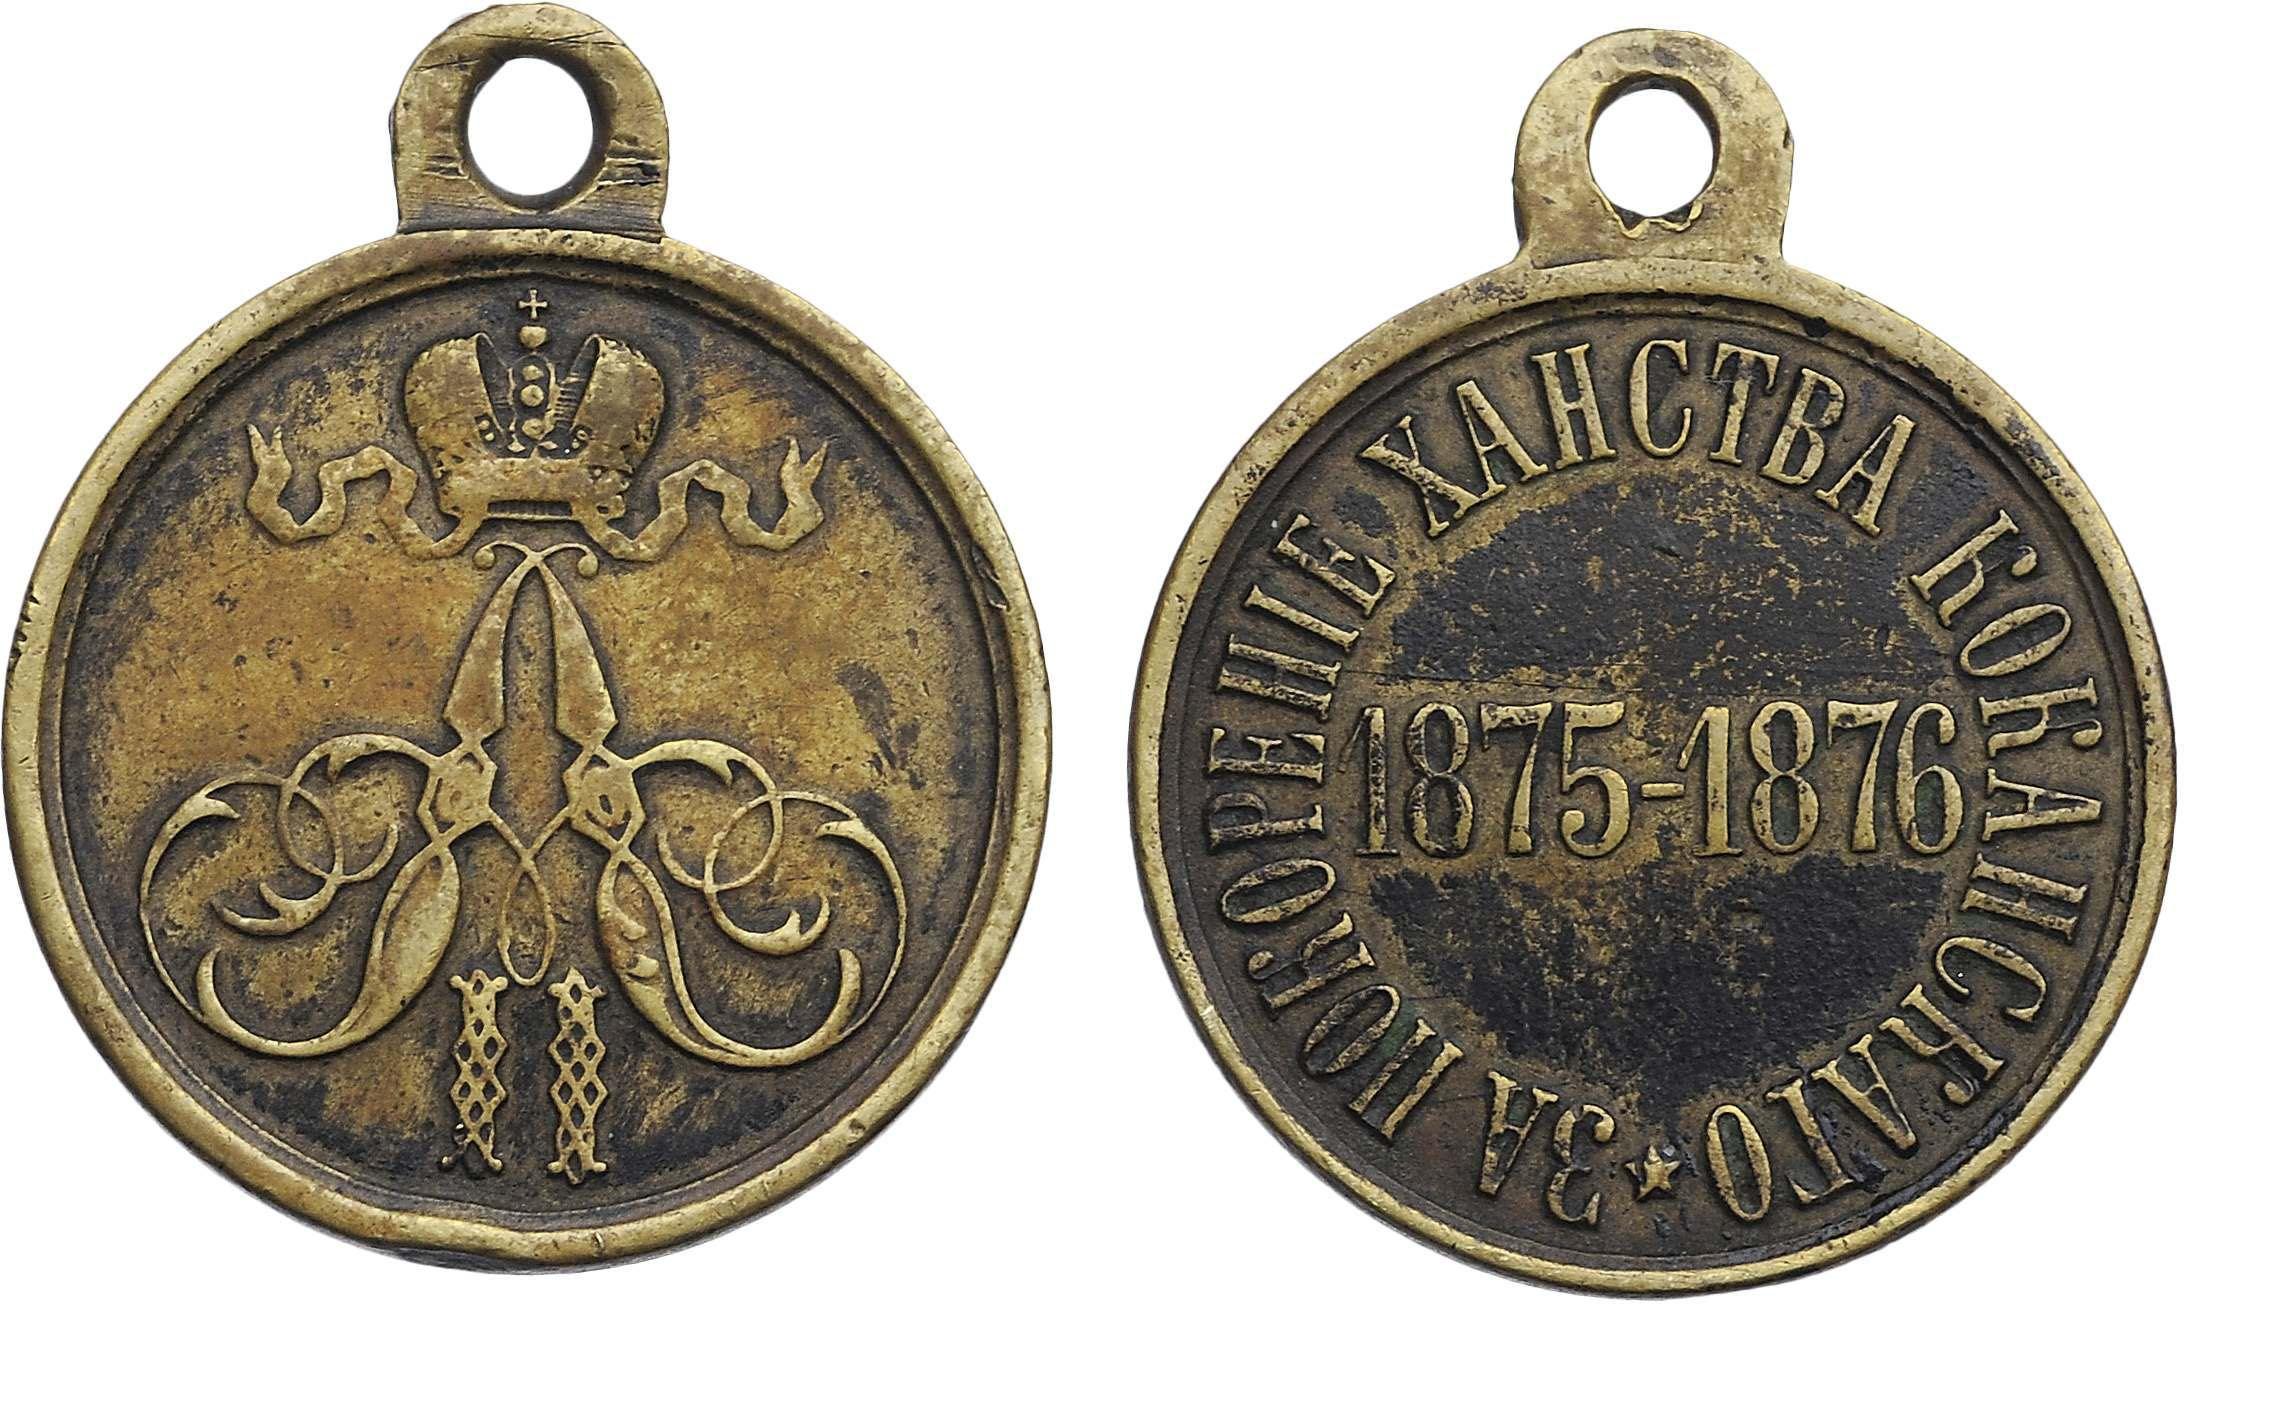 Наградная медаль «За покорение ханства Кокандского». 1870-е